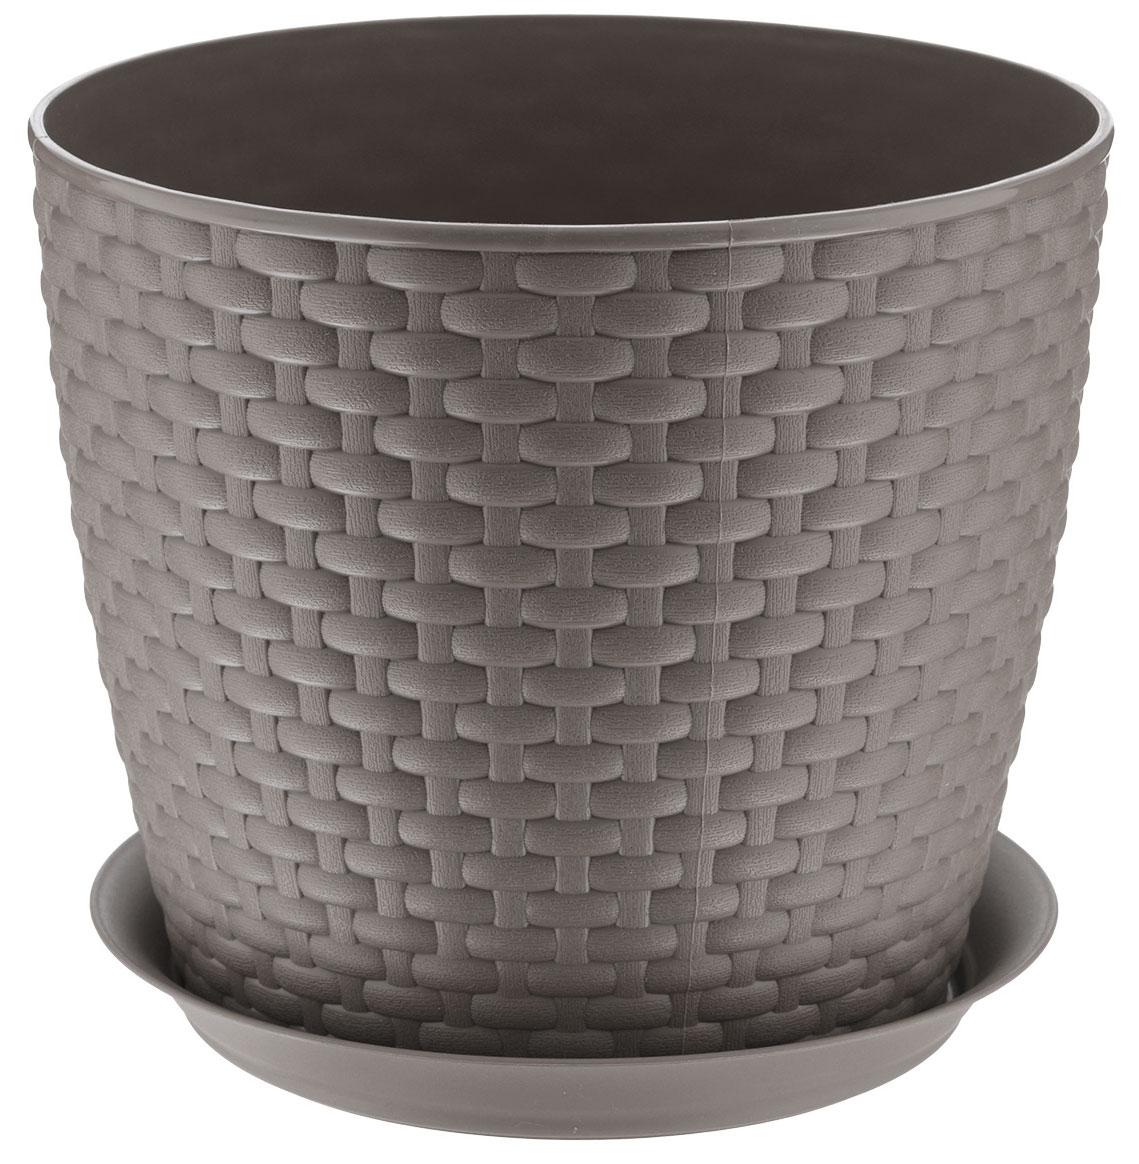 Кашпо Idea Ротанг, с поддоном, цвет: коричневый, 2 лМ 3081Кашпо Idea Ротанг изготовлено из высококачественного пластика. Специальный поддон предназначен для стока воды. Изделие прекрасно подходит для выращивания растений и цветов в домашних условиях. Лаконичный дизайн впишется в интерьер любого помещения. Диаметр поддона: 15,5 см. Объем кашпо: 2 л. Диаметр кашпо по верхнему краю: 15,5 см. Высота кашпо: 13,5 см.